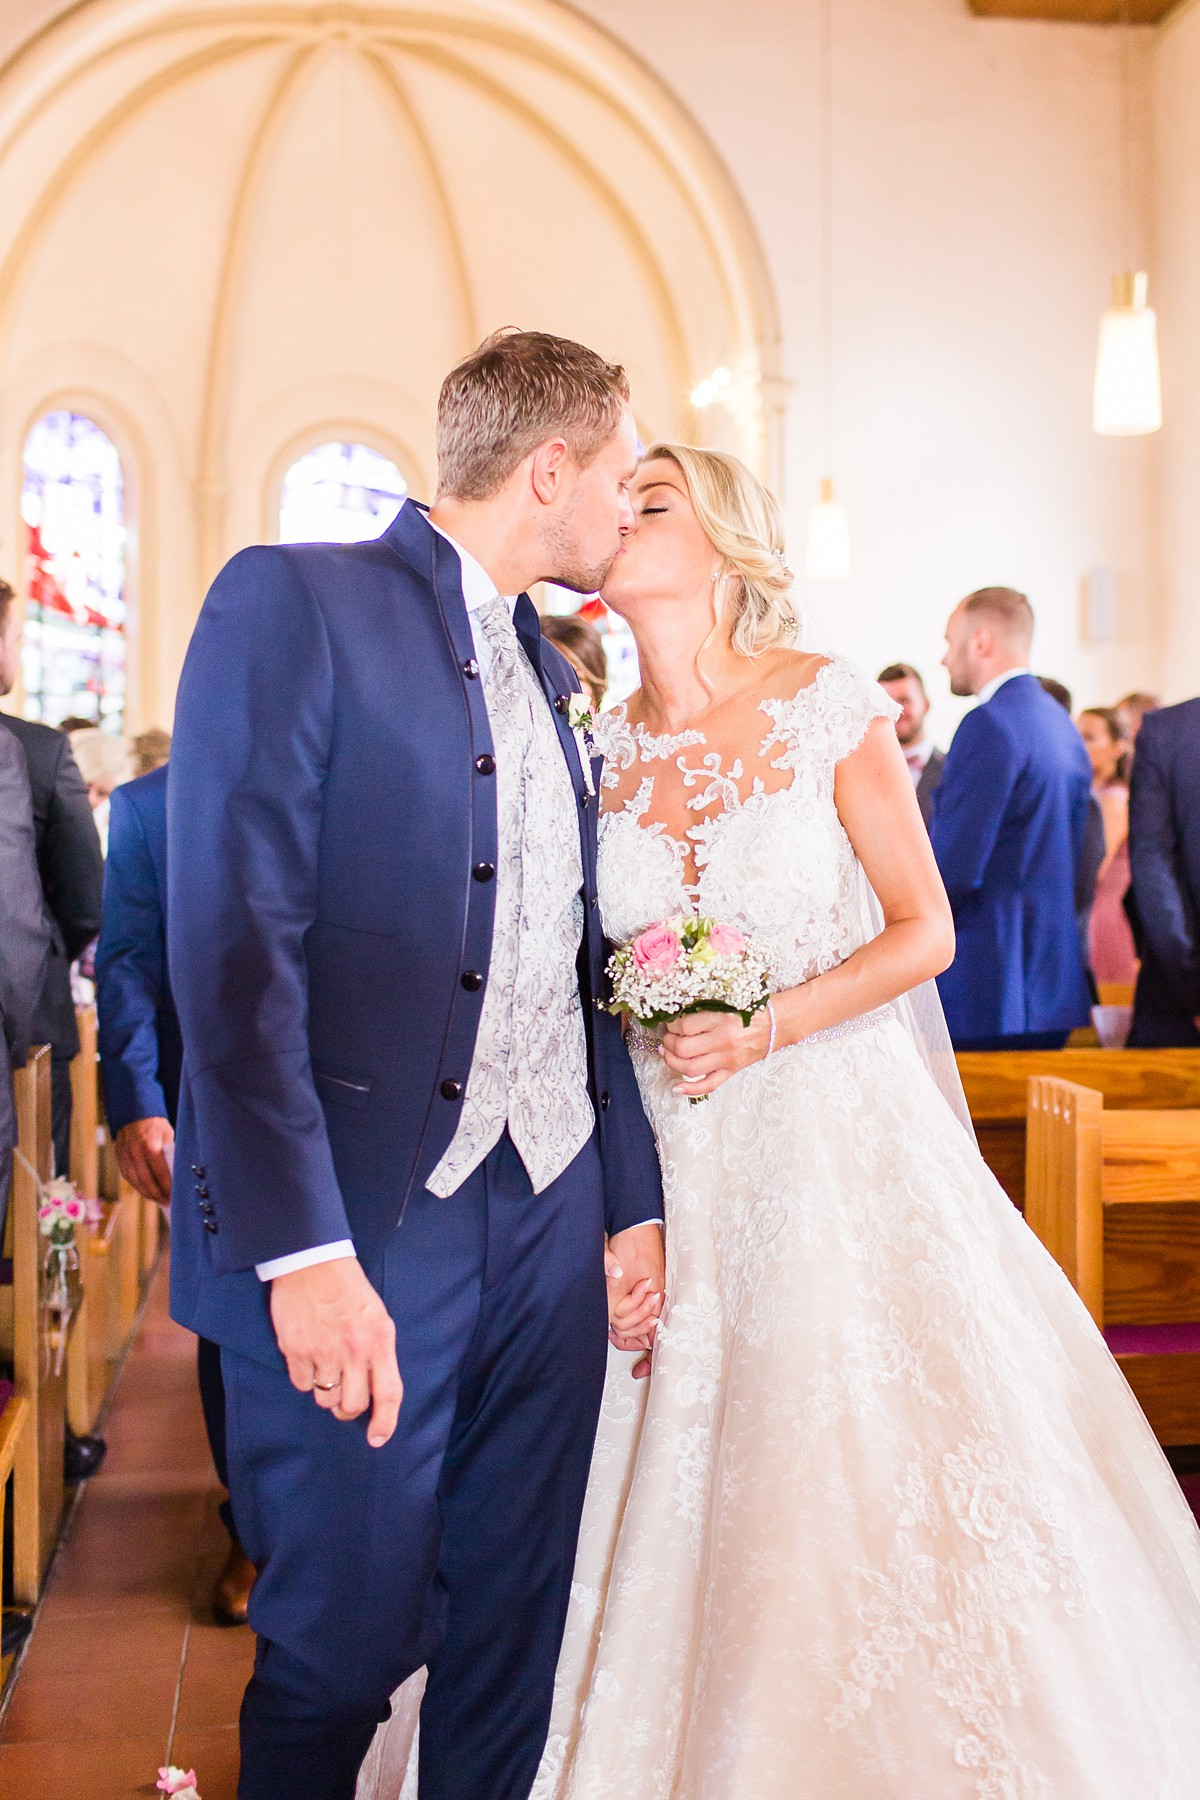 Hochzeitsfotograf-Herford-van-Laer-Fotograf-Hochzeit-Nrw_0042